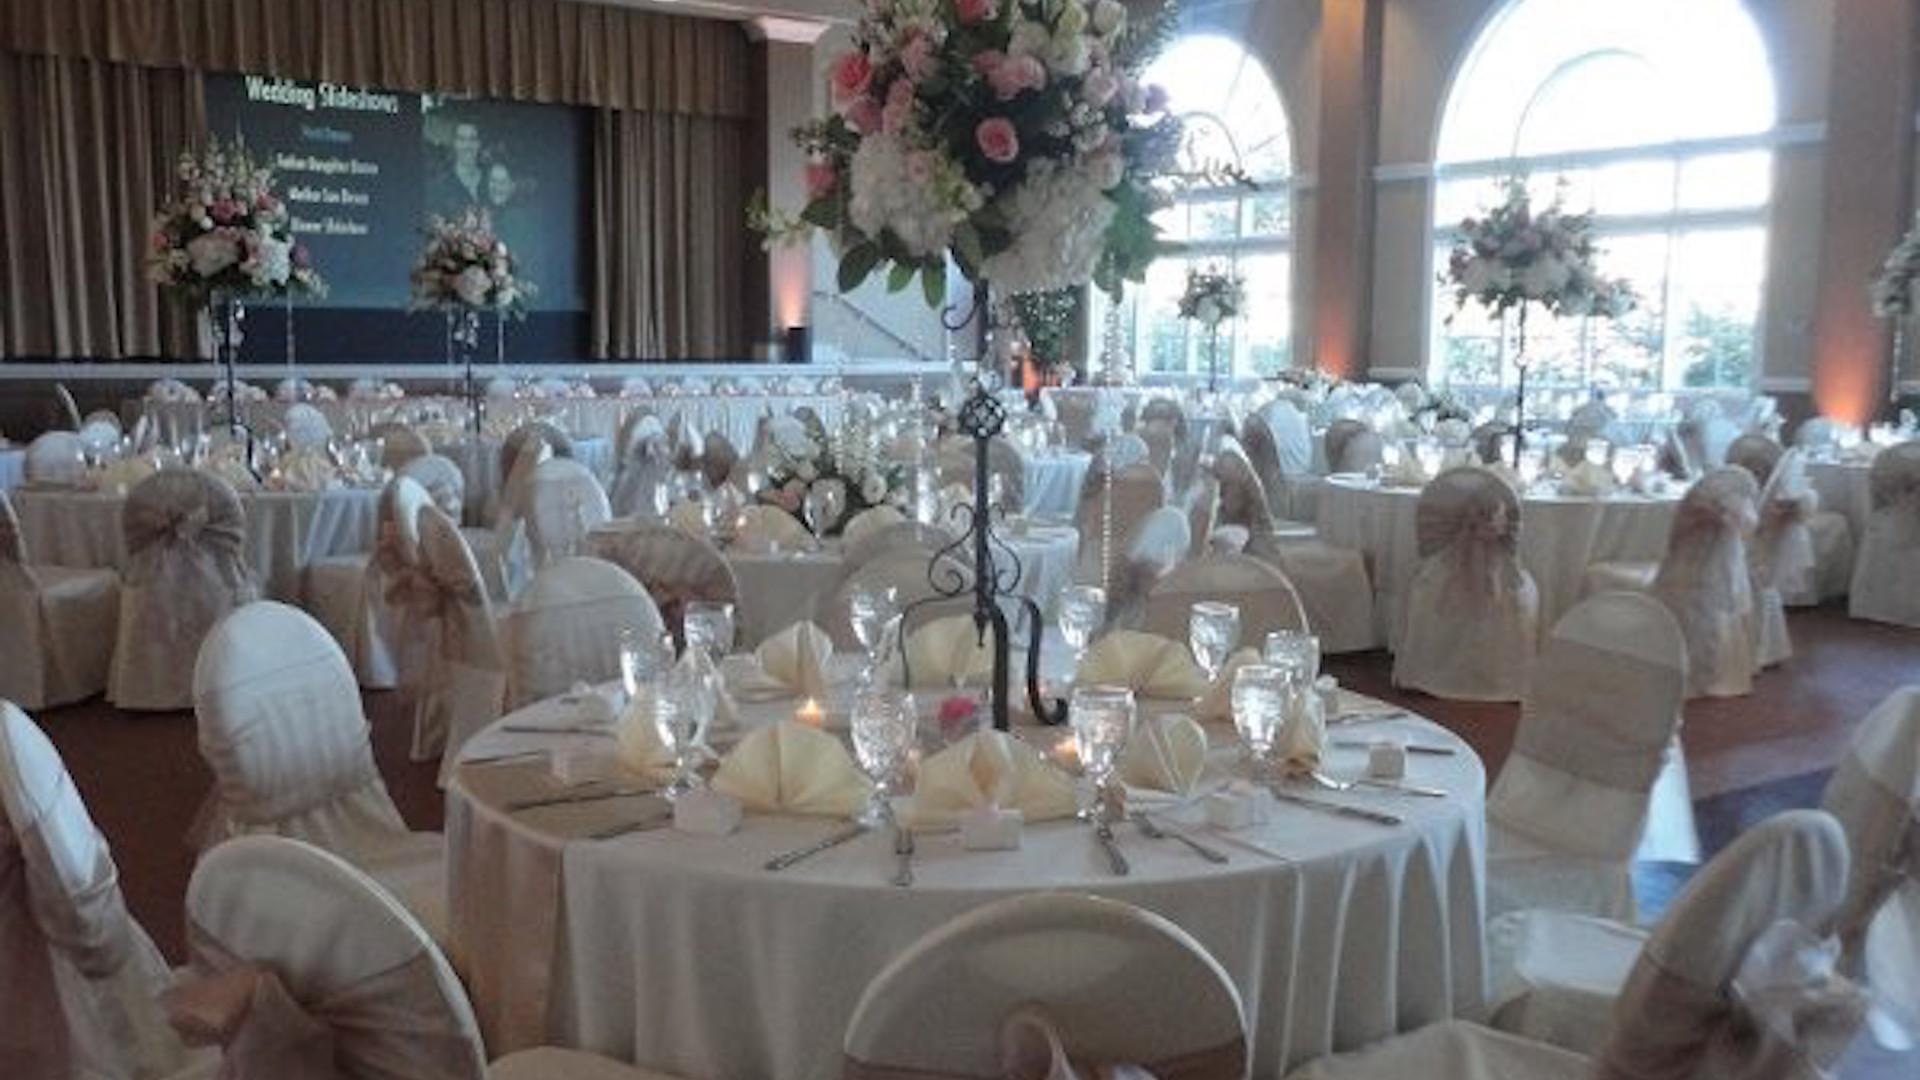 Venue: Wedding Venues Colleyville Tx At Websimilar.org